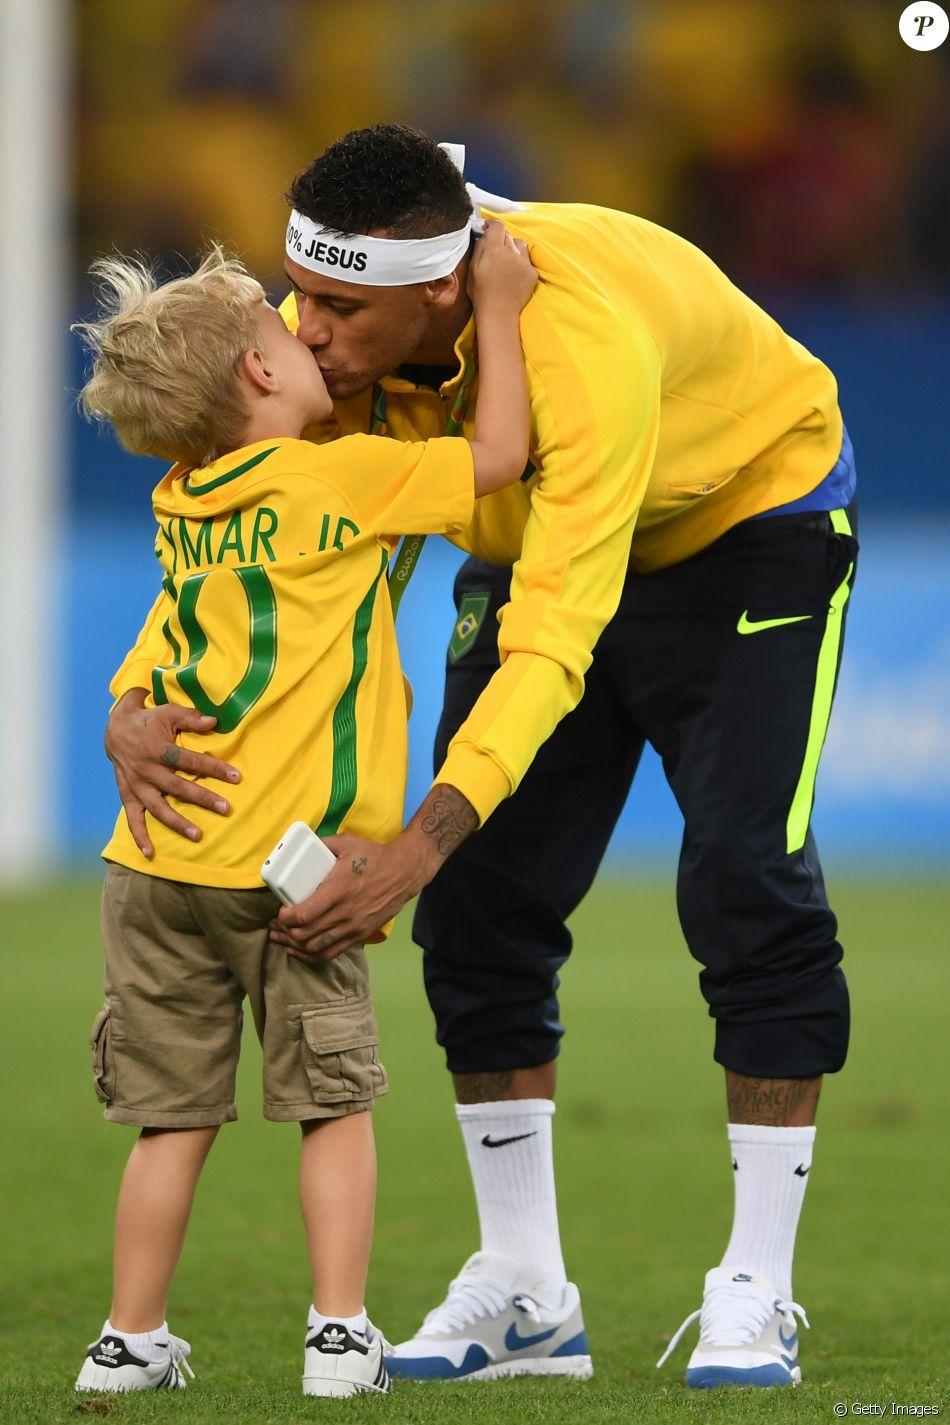 Neymar compartilhou um momento fofo com o filho, Davi Lucca, no Instagram nesta quinta-feira, 7 de dezembro de 2017